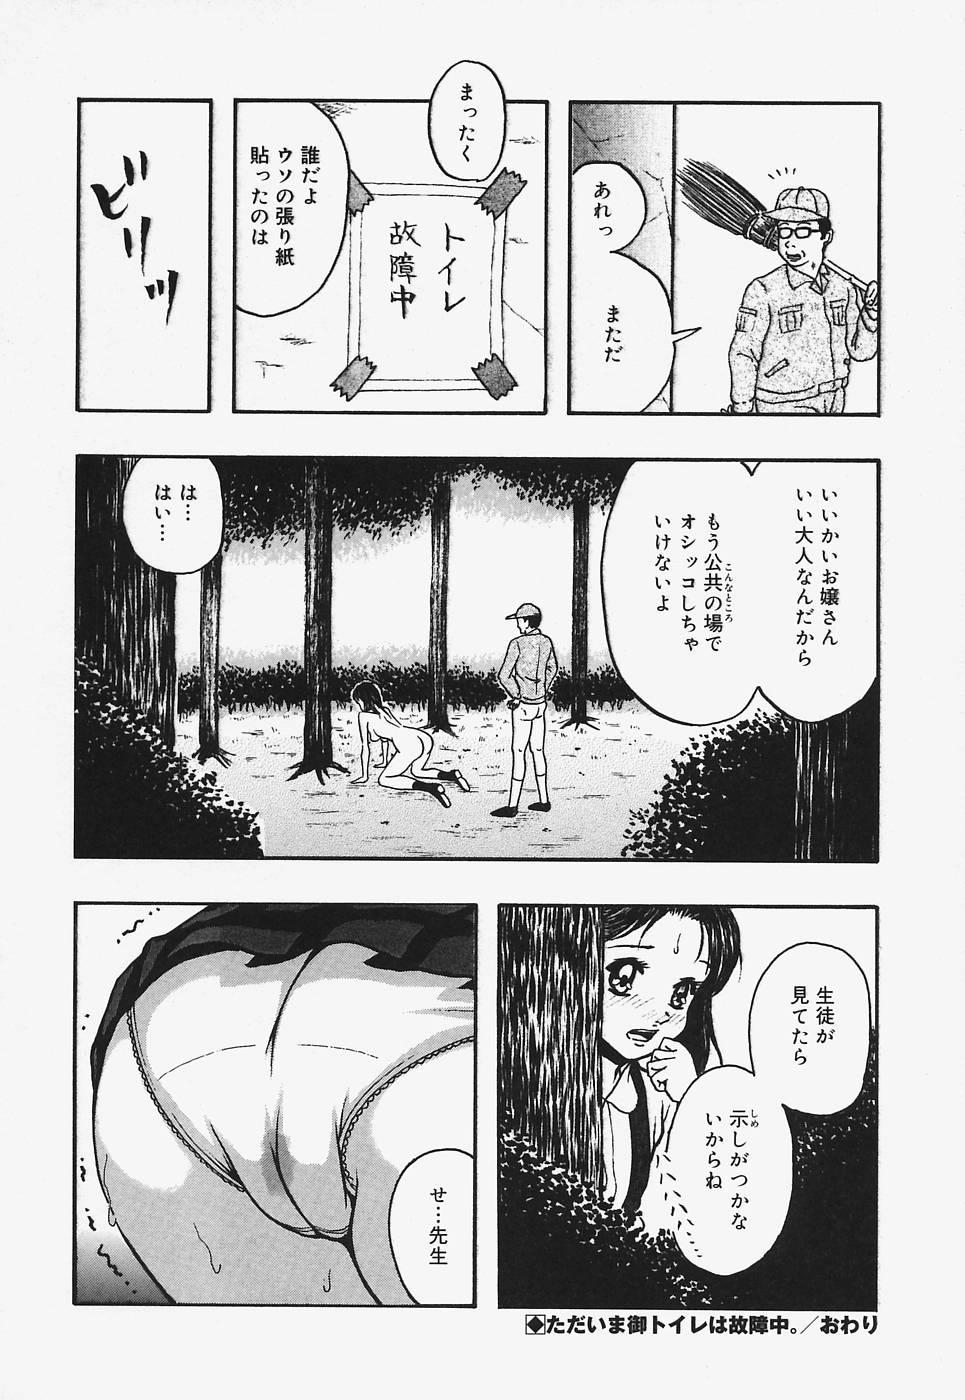 Nurunuru Syoujyo Jiru 113